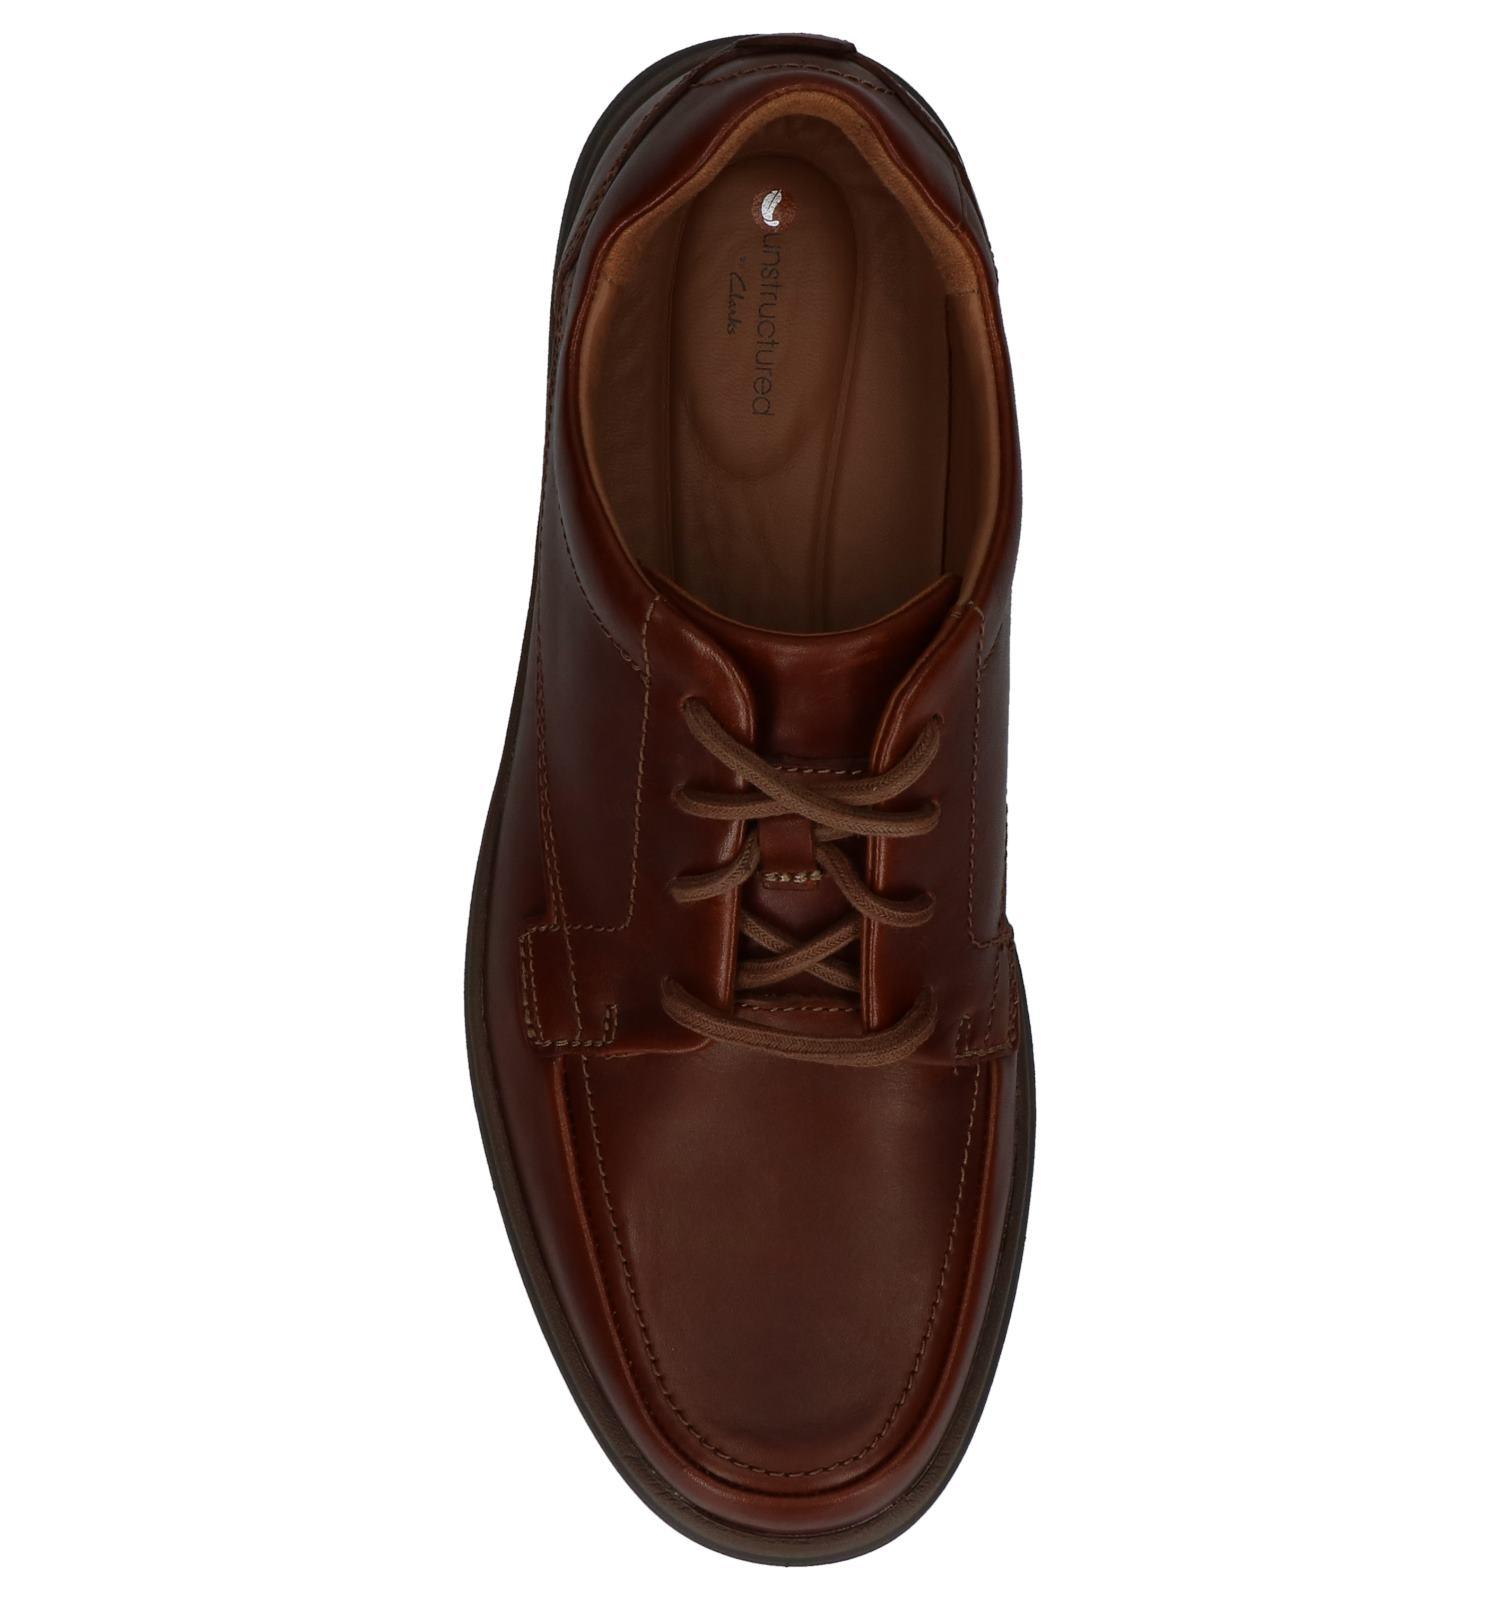 Torfs Livraison Clarks Et Retour be Basses cognac Chaussures qw4w7HZ